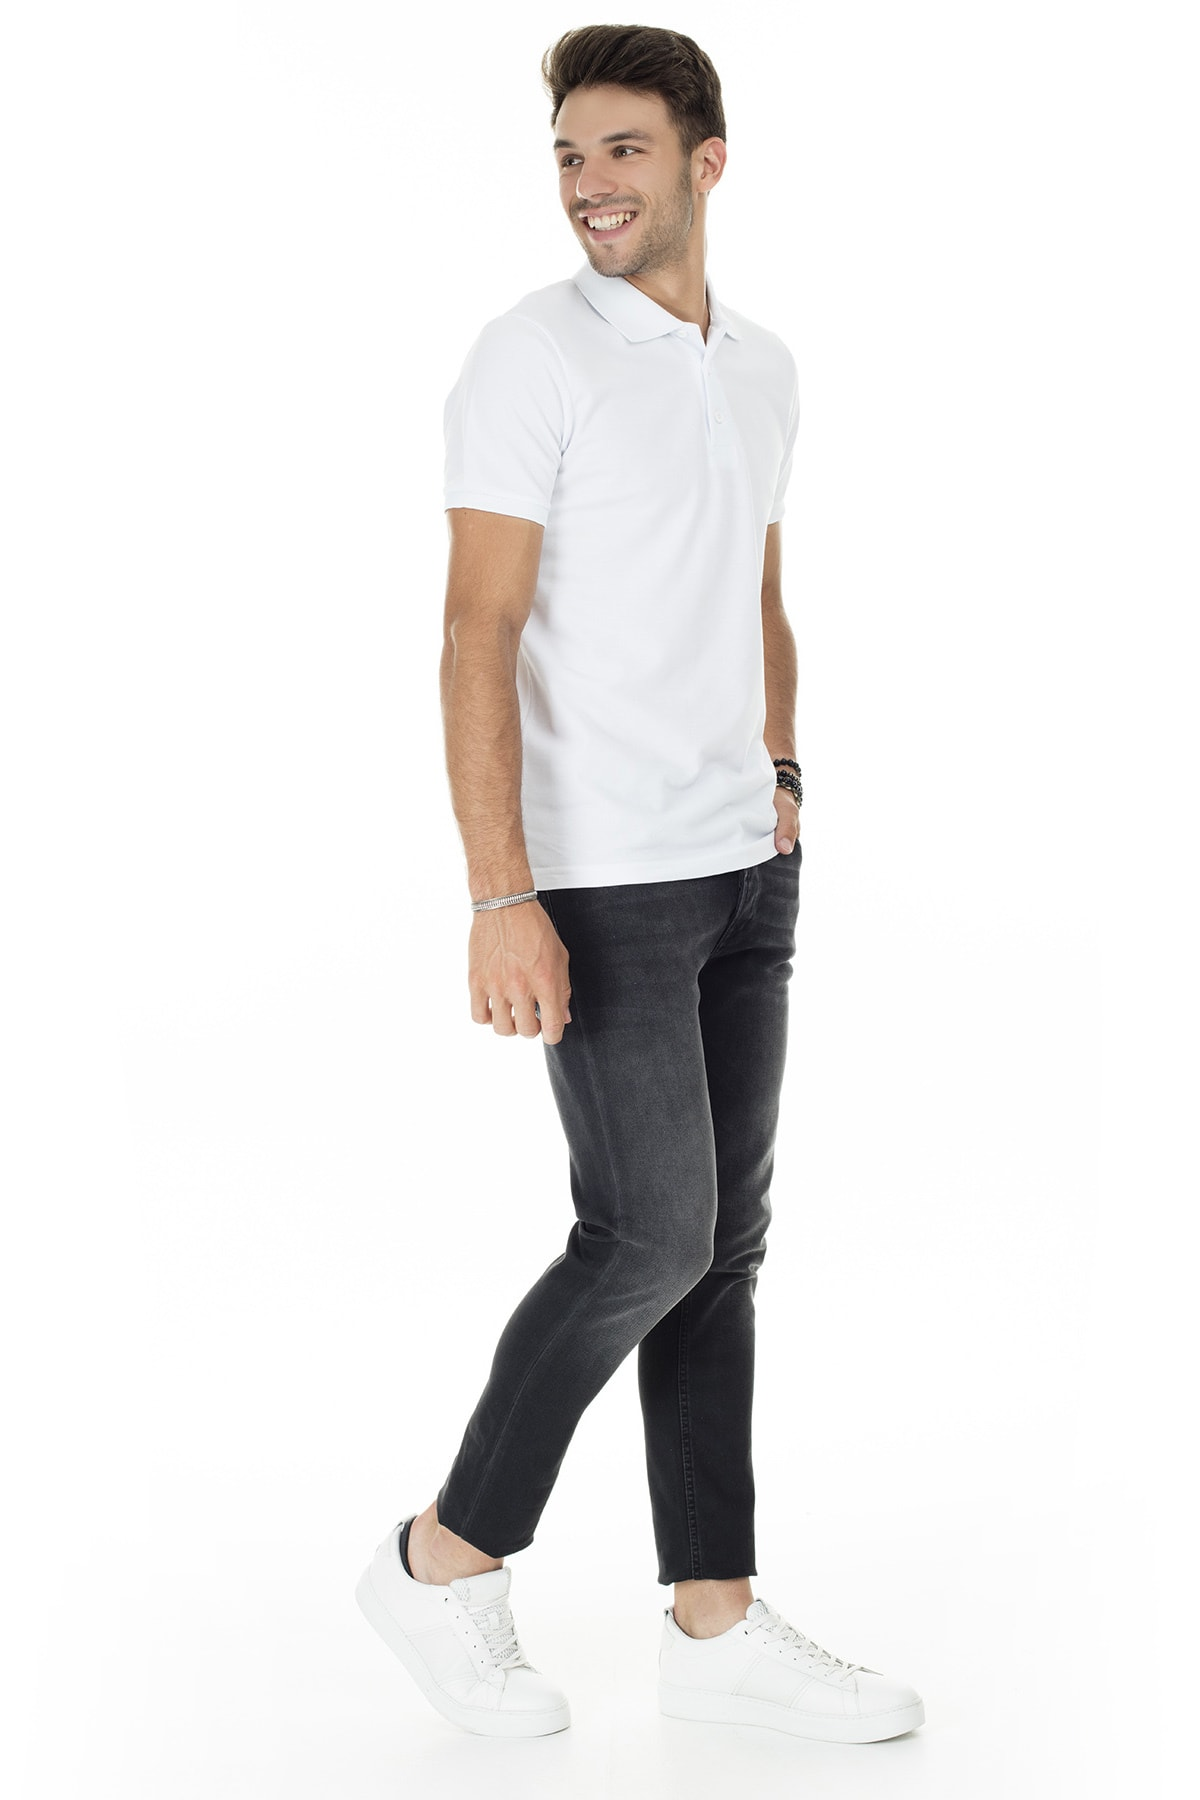 Buratti Erkek Beyaz Düğmeli Polo Yaka Pamuklu Günlük T Shirt 4362050 4